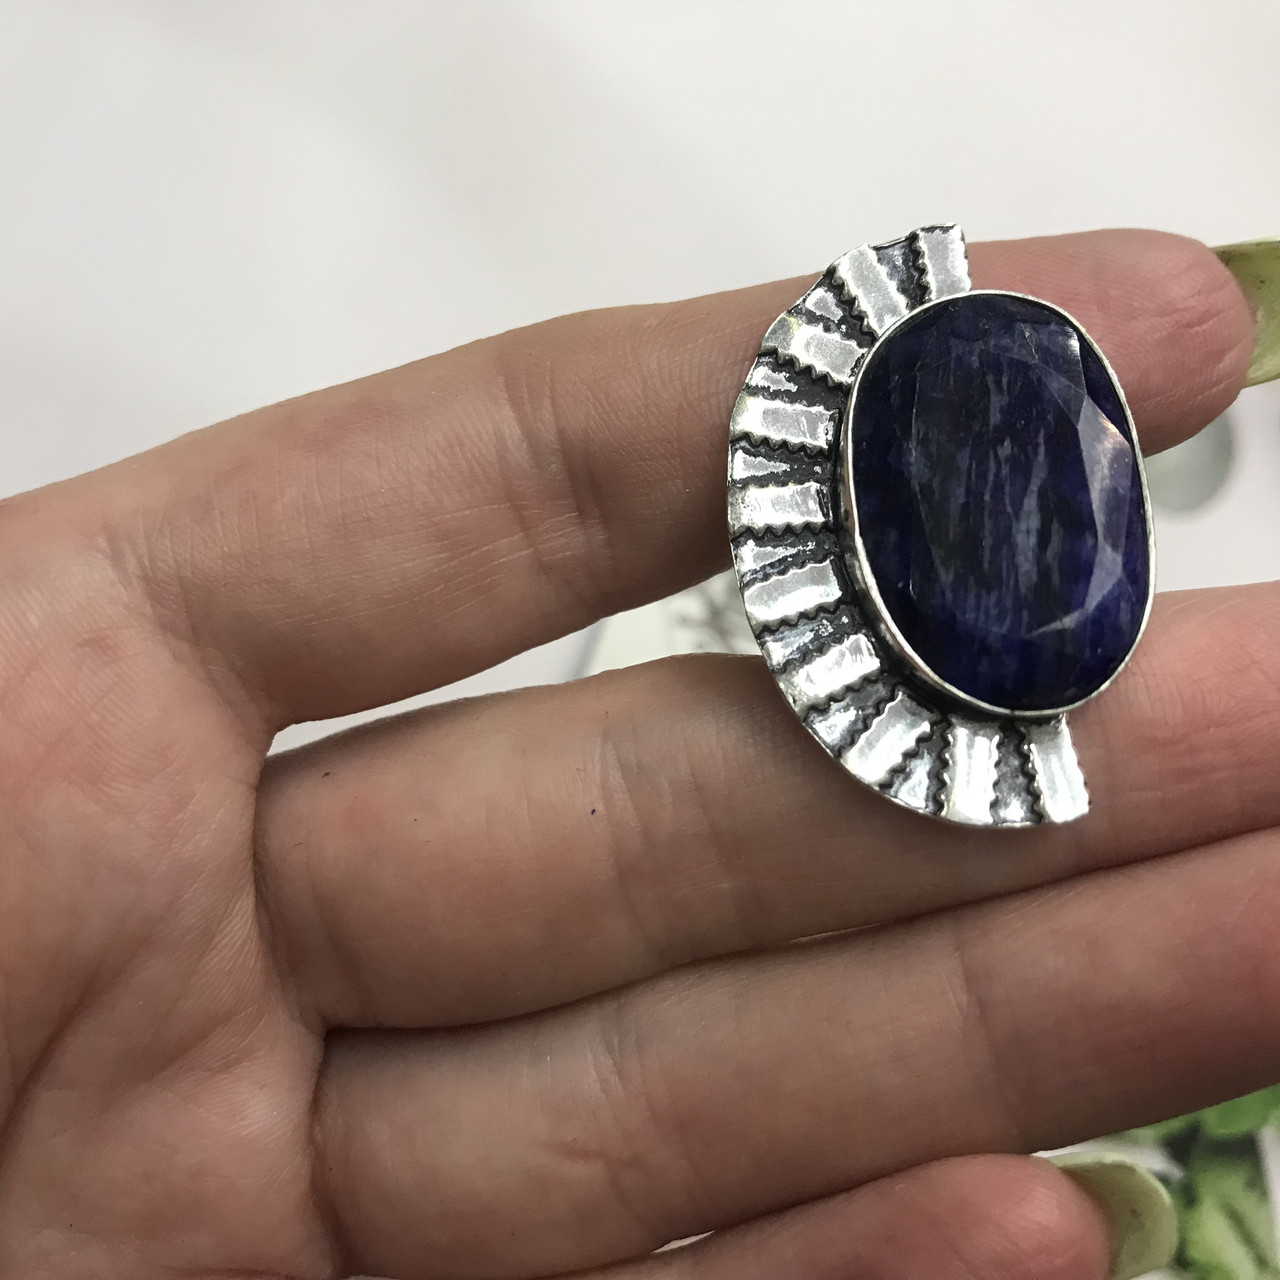 Сапфир кольцо 18 размер кольцо с камнем натуральный сапфир в серебре кольцо с сапфиром.